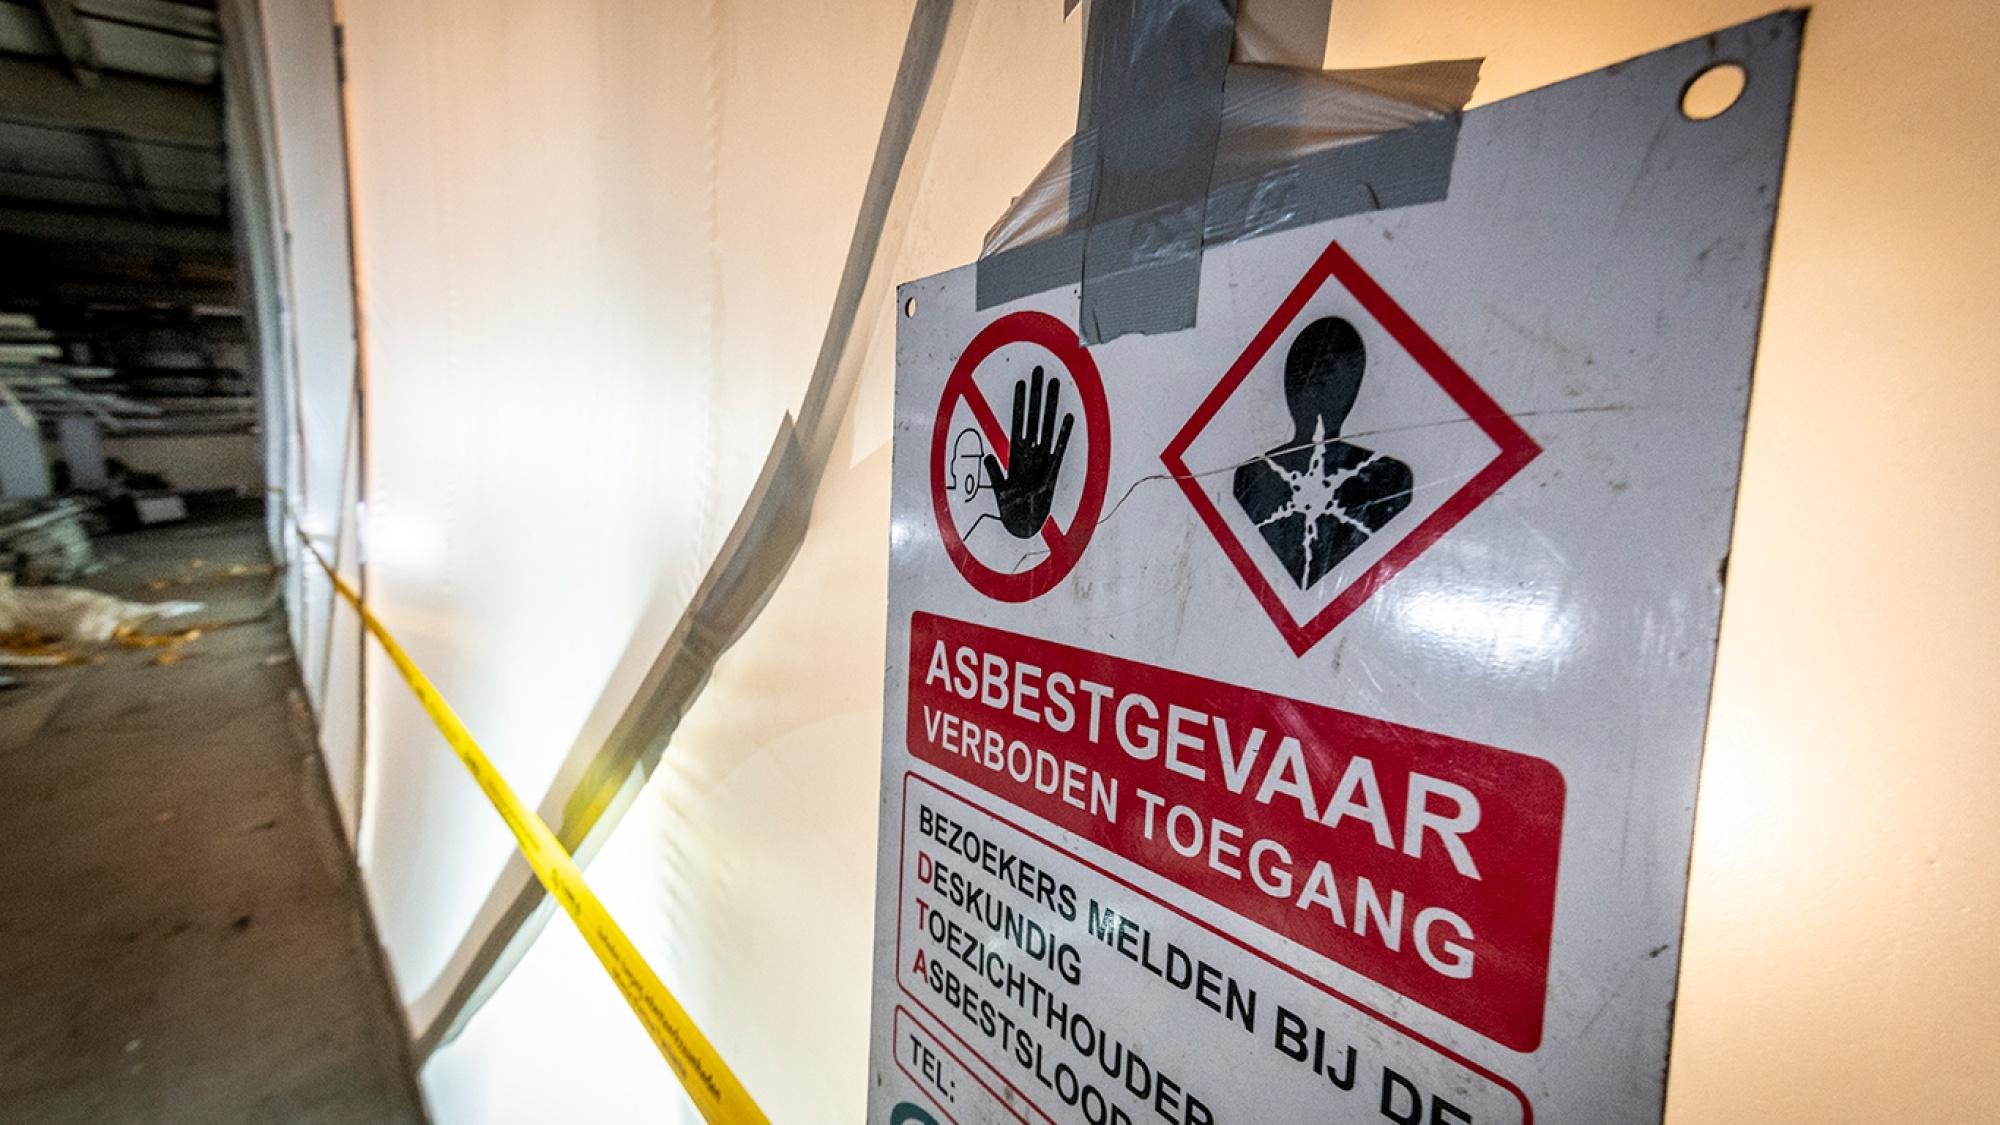 Foto van het bordje dat er asbestgevaar is